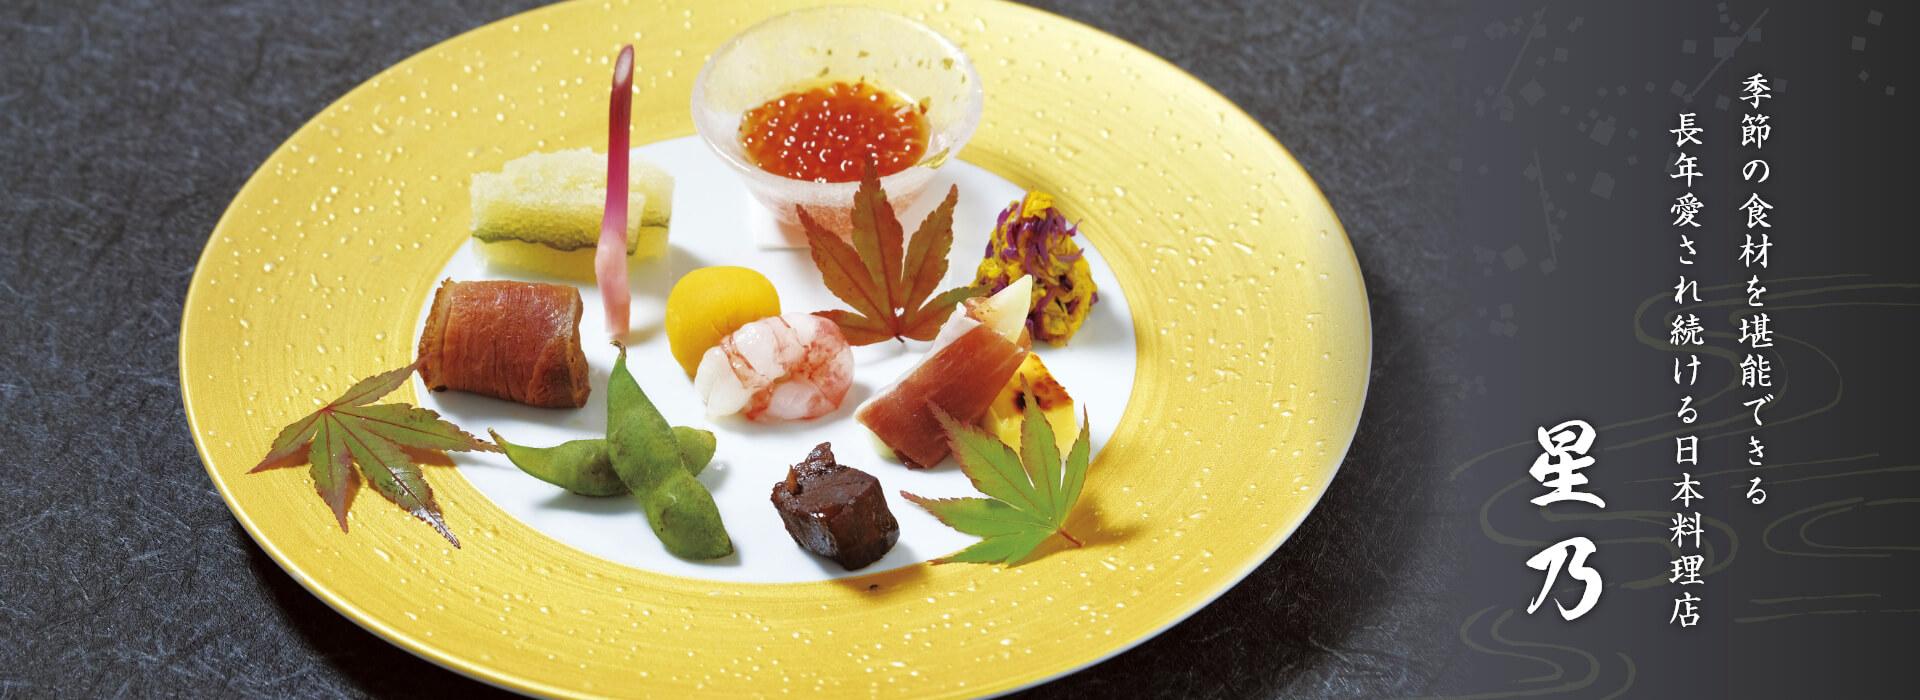 季節の食材を堪能できる長年愛され続ける日本料理店 星乃